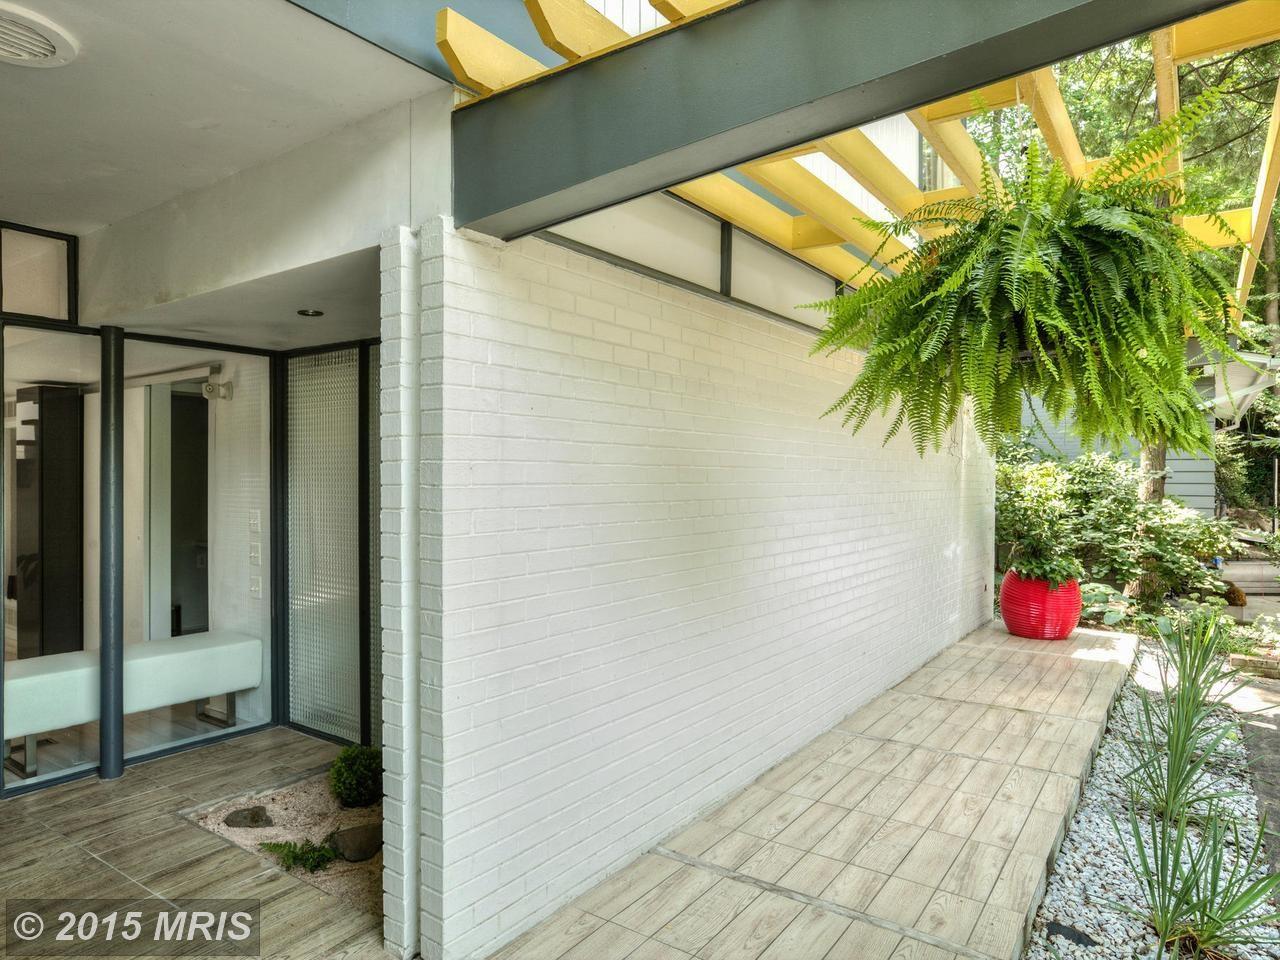 Брусчатая дорожка и каменный сад у входа подчеркивают красоту и умиротворенность модернистского дома.